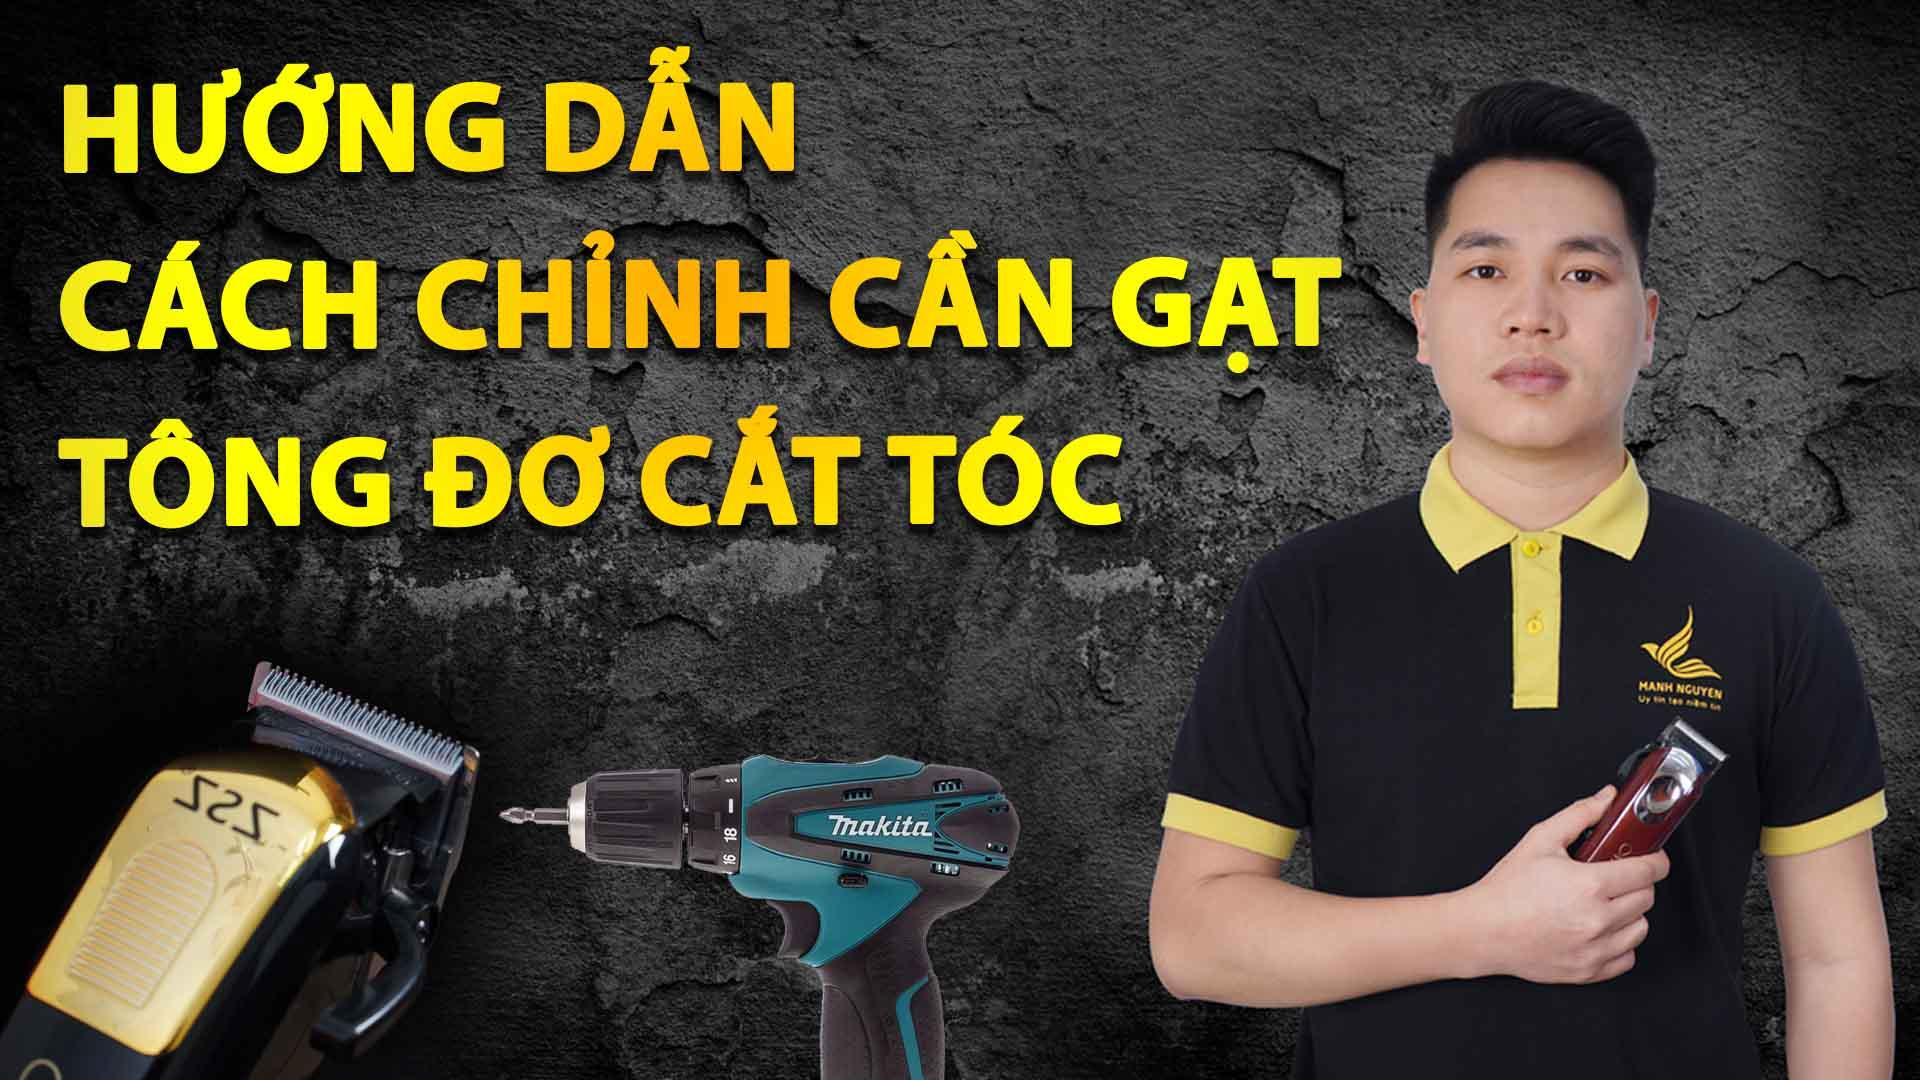 huong dan cach chinh can gat tong do xuong sau hon